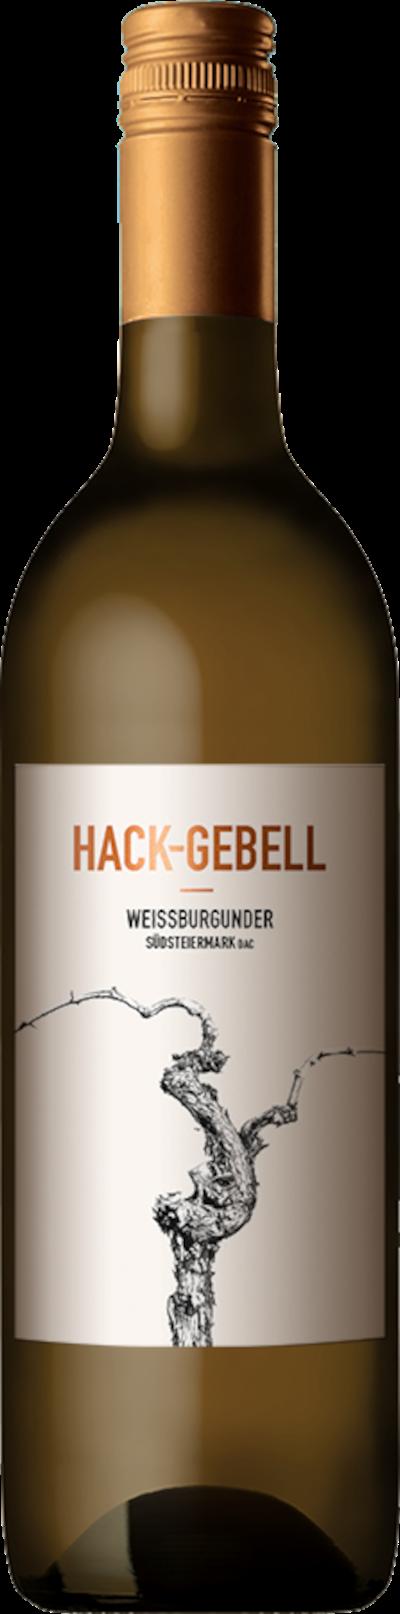 Hack-Gebell - Weißburgunder Südsteiermark DAC